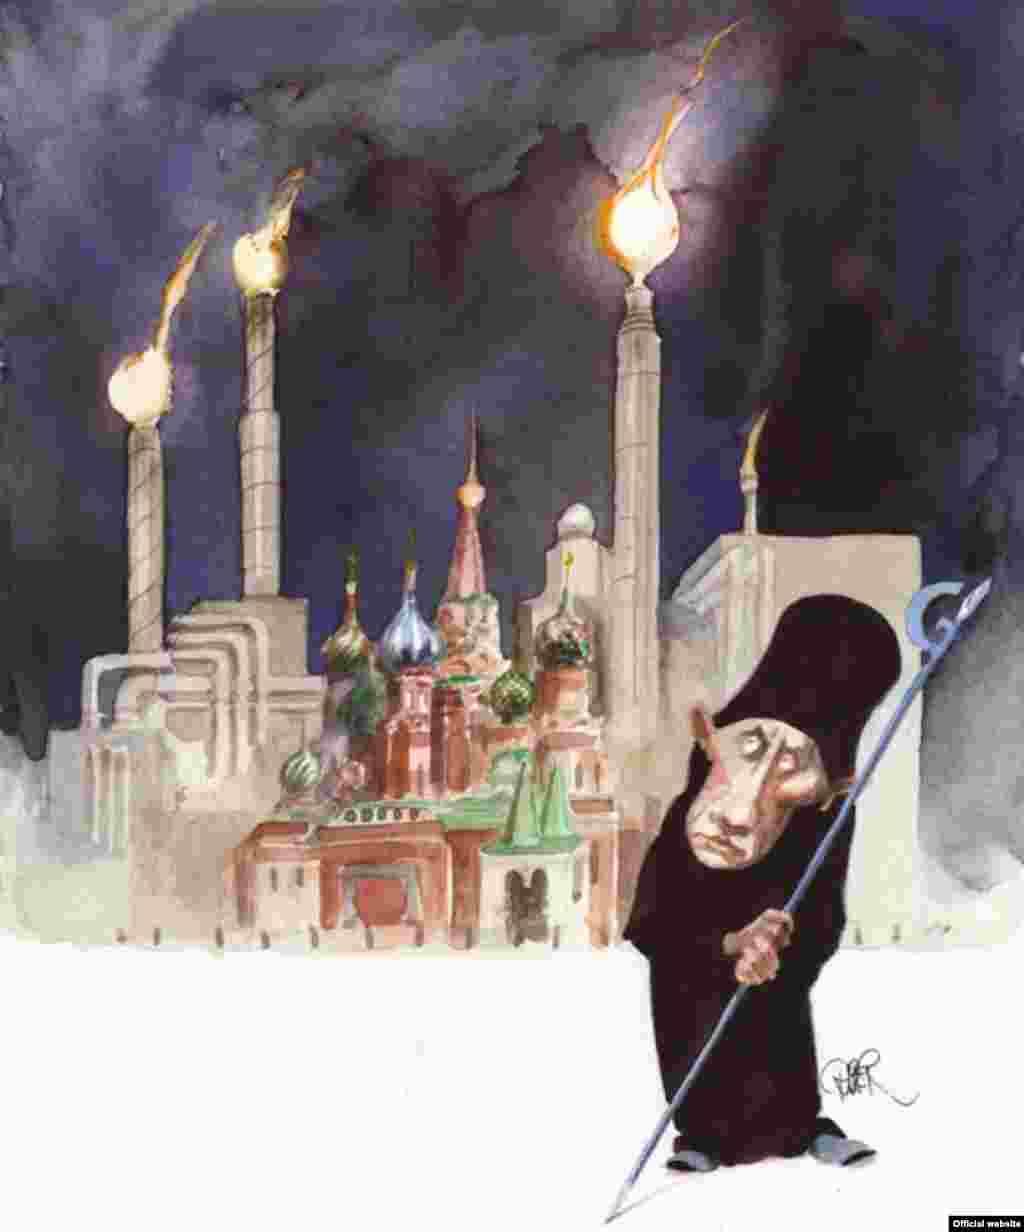 Фрагмент карикатури Рібера Ганссона (Швеція), добре відомого в світі карикатуриста, який з 2007 року декілька разів перемагав у конкурсі, й посів друге місце у конкурсі «Диявольська бензоколонка»